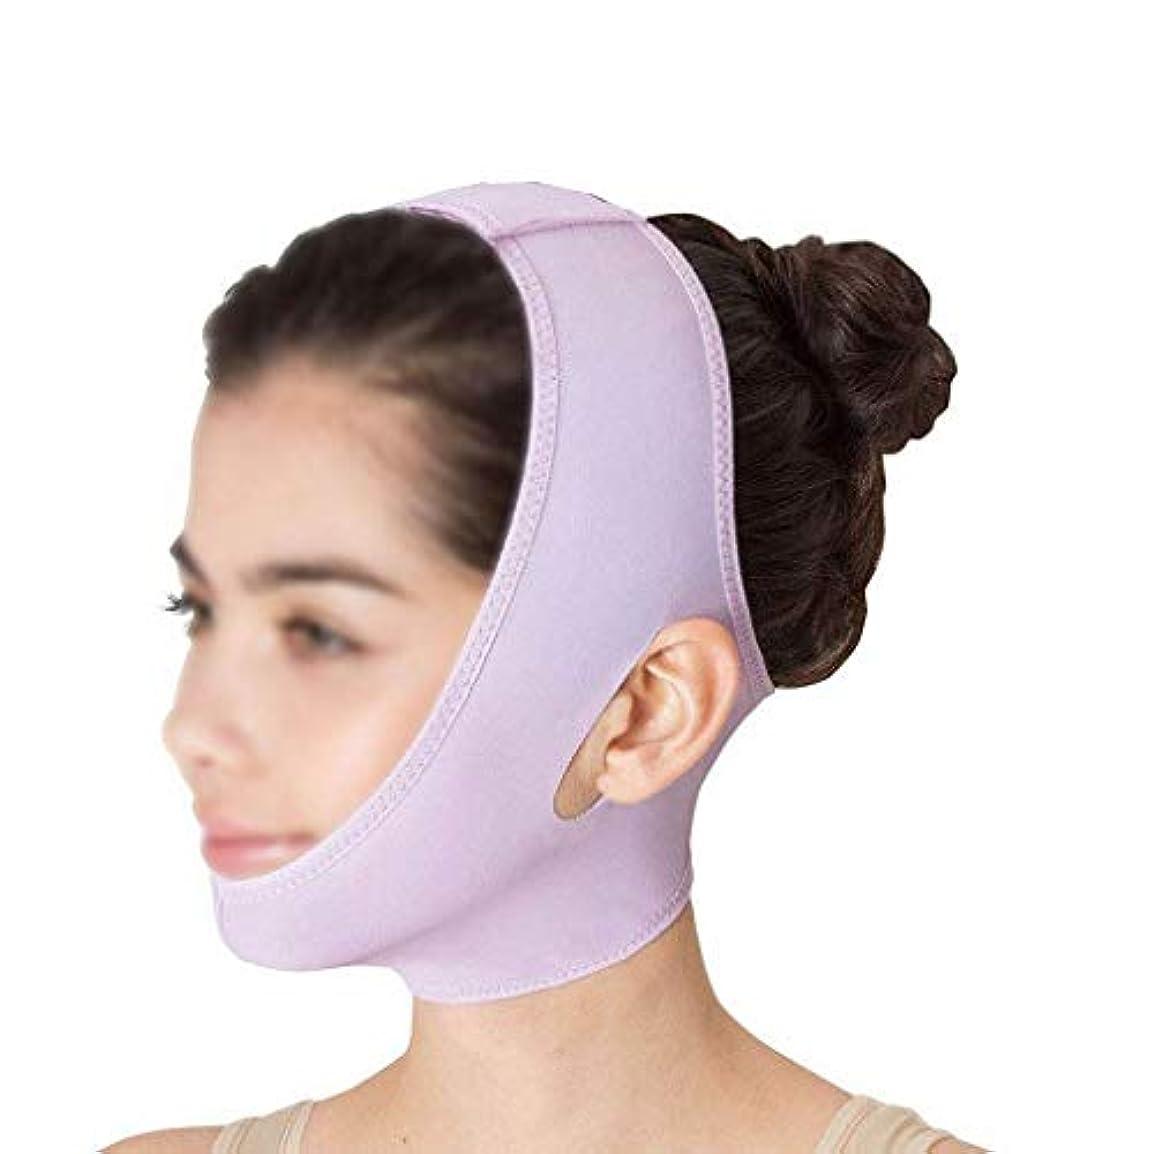 正確スリンク資本薄いフェイスマスク ビームフェイス、薄いダブルチンでスリーピングマスクの下の頬を防ぎ、小さなVフェイスを作成